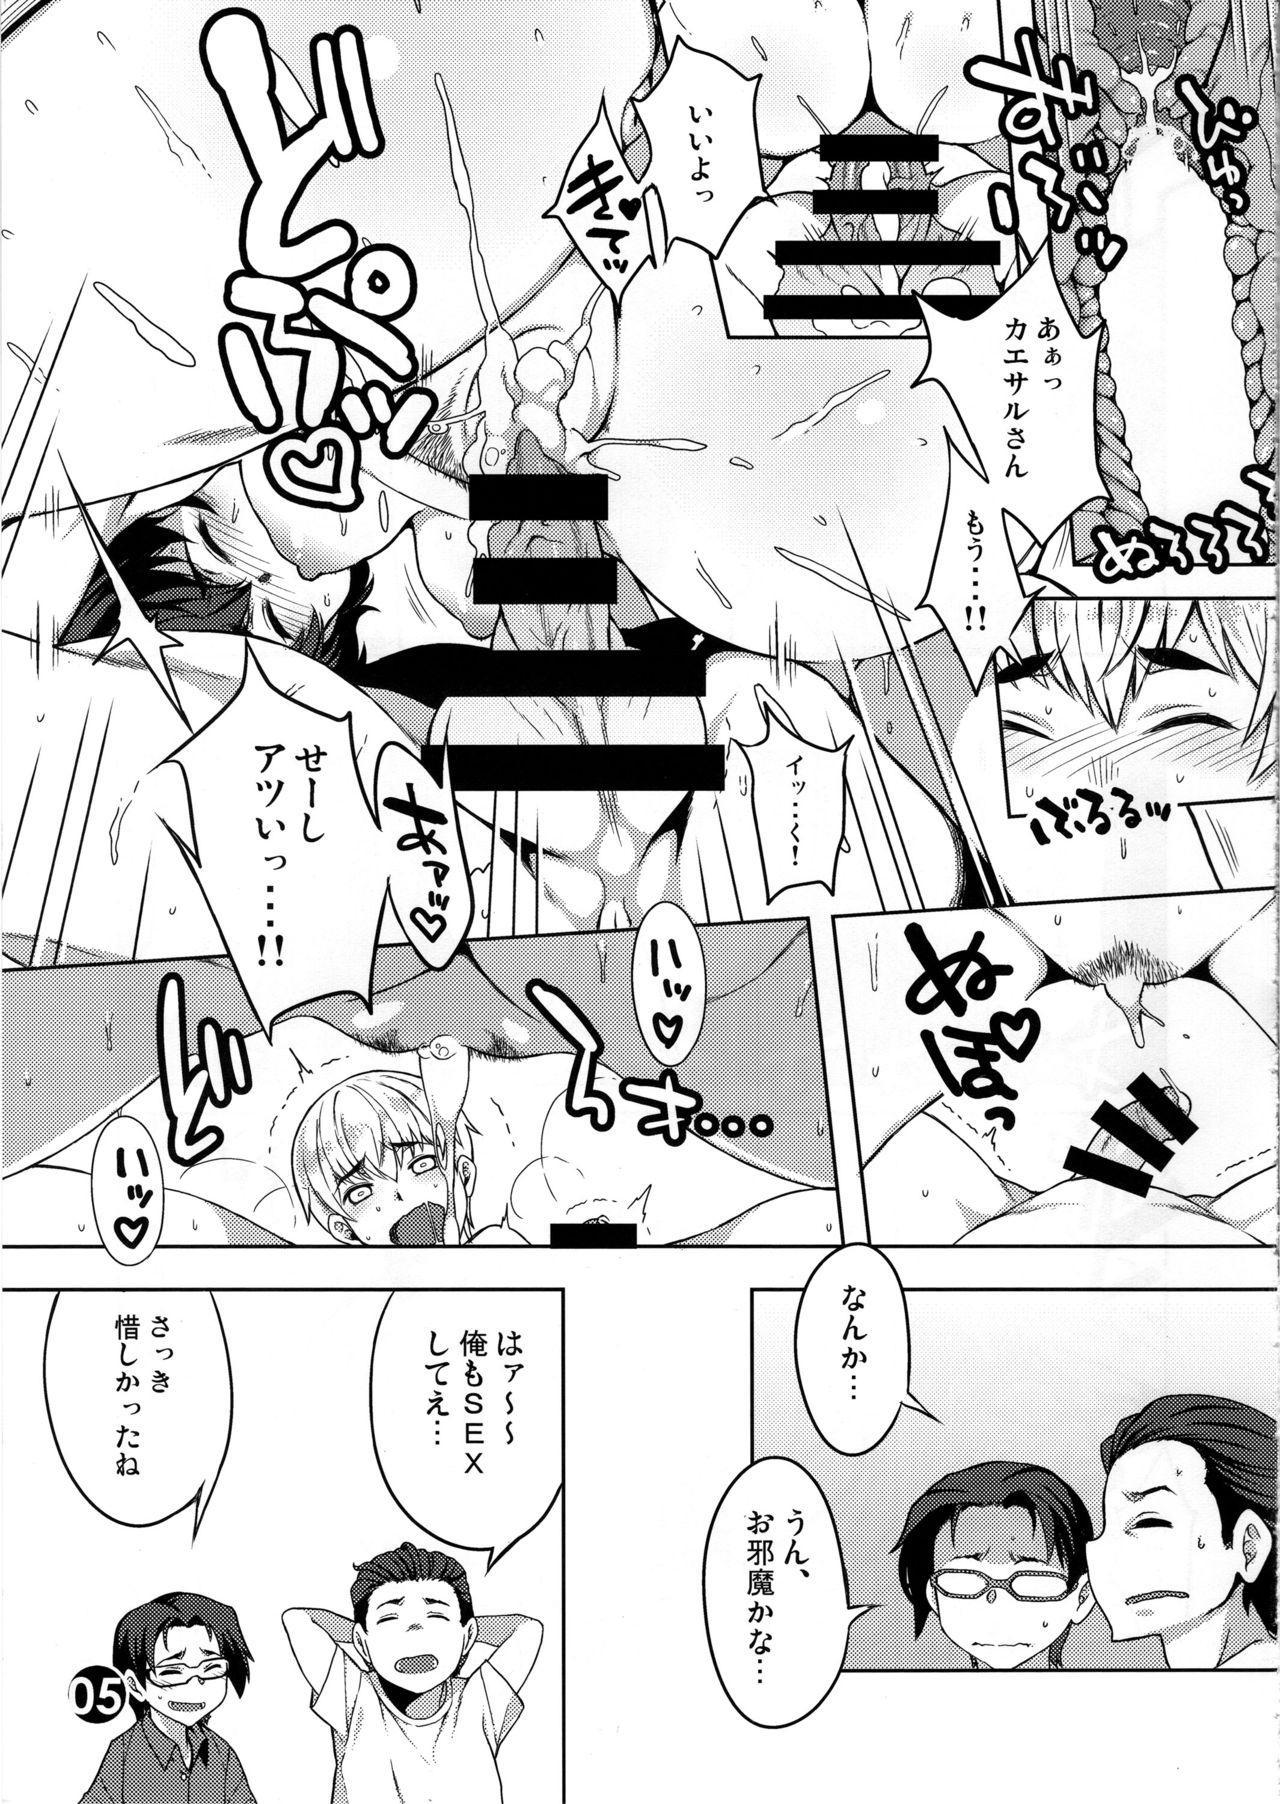 Saemonza ga DC o Tsumamigui Suru Hon 3